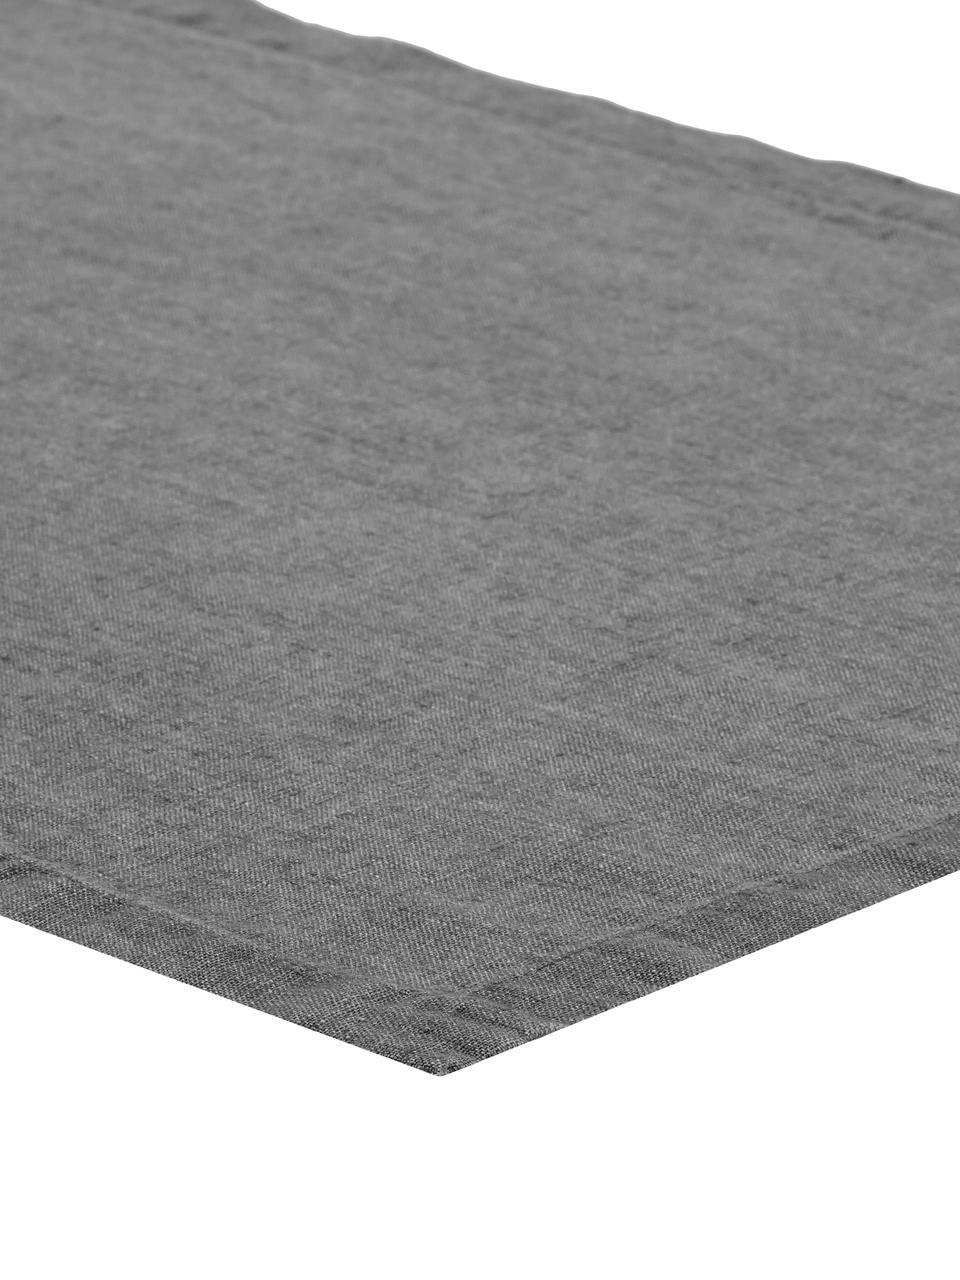 Leinen-Tischläufer Ruta in Grau, Grau, 40 x 140 cm